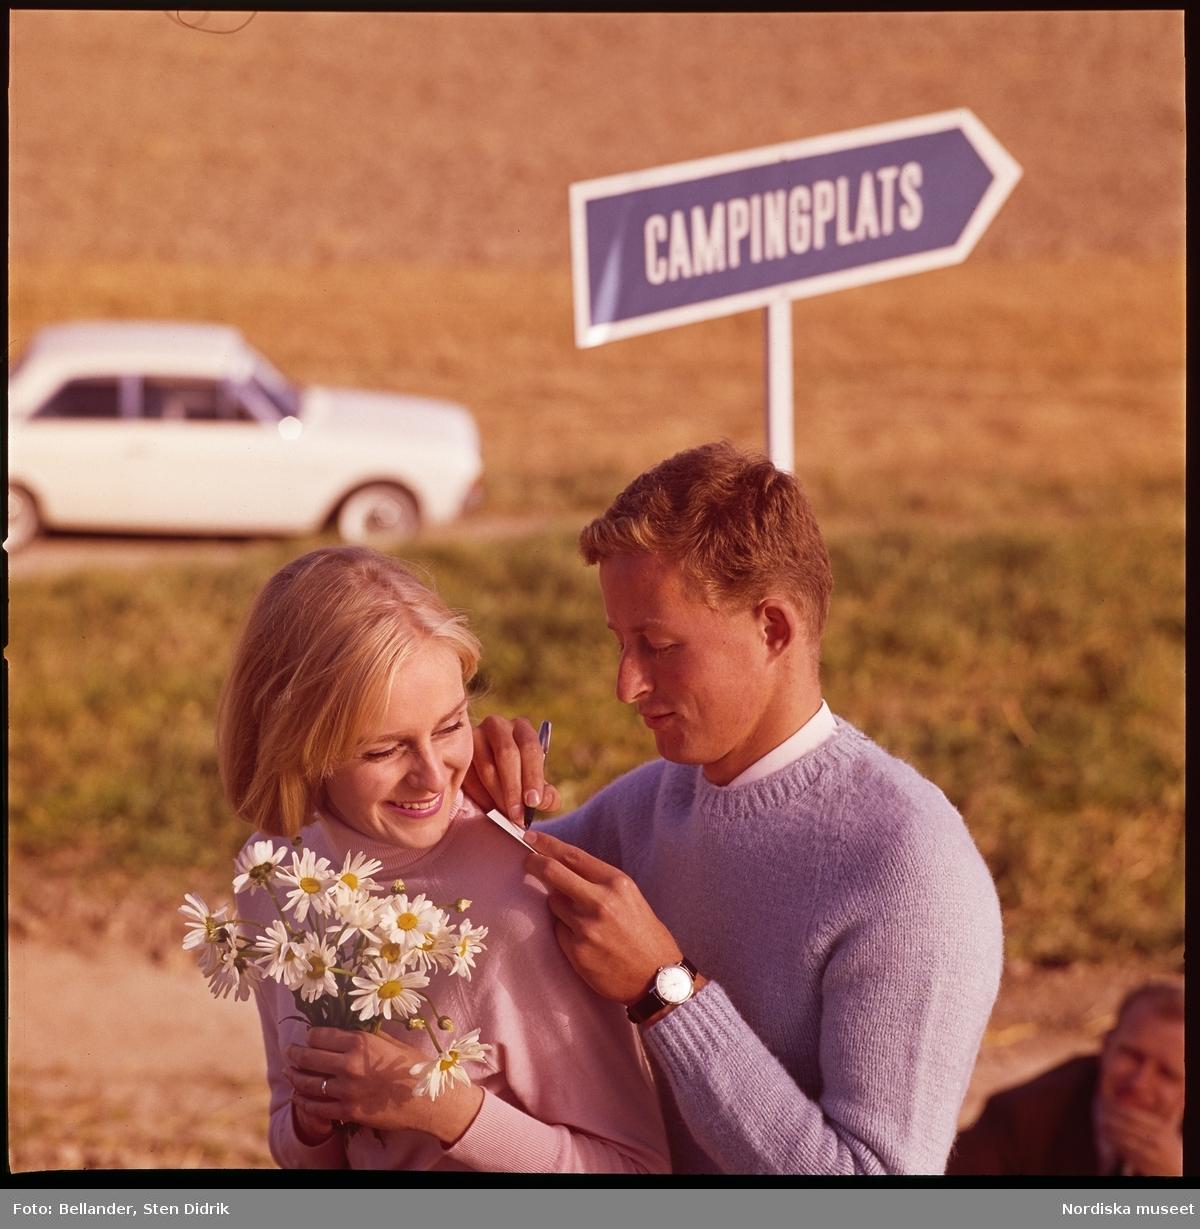 Par skriver kort, skylt och bil i bakgrunden.